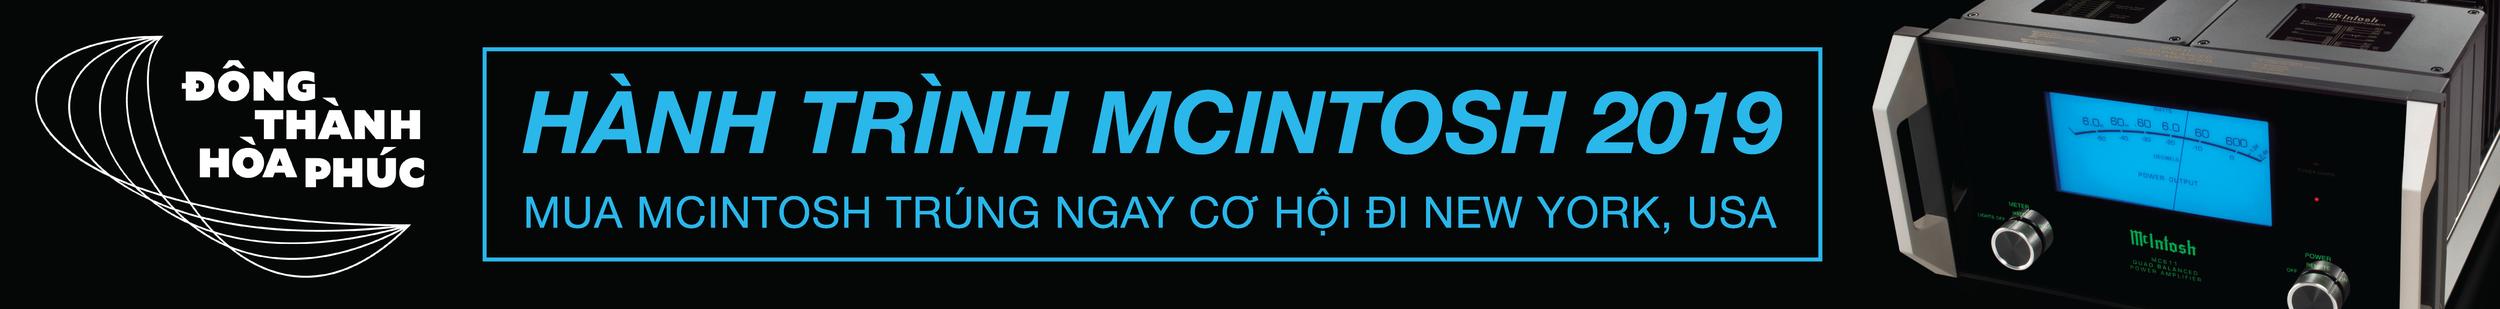 HÀNH TRÌNH MCINTOSH Stereo-03.png